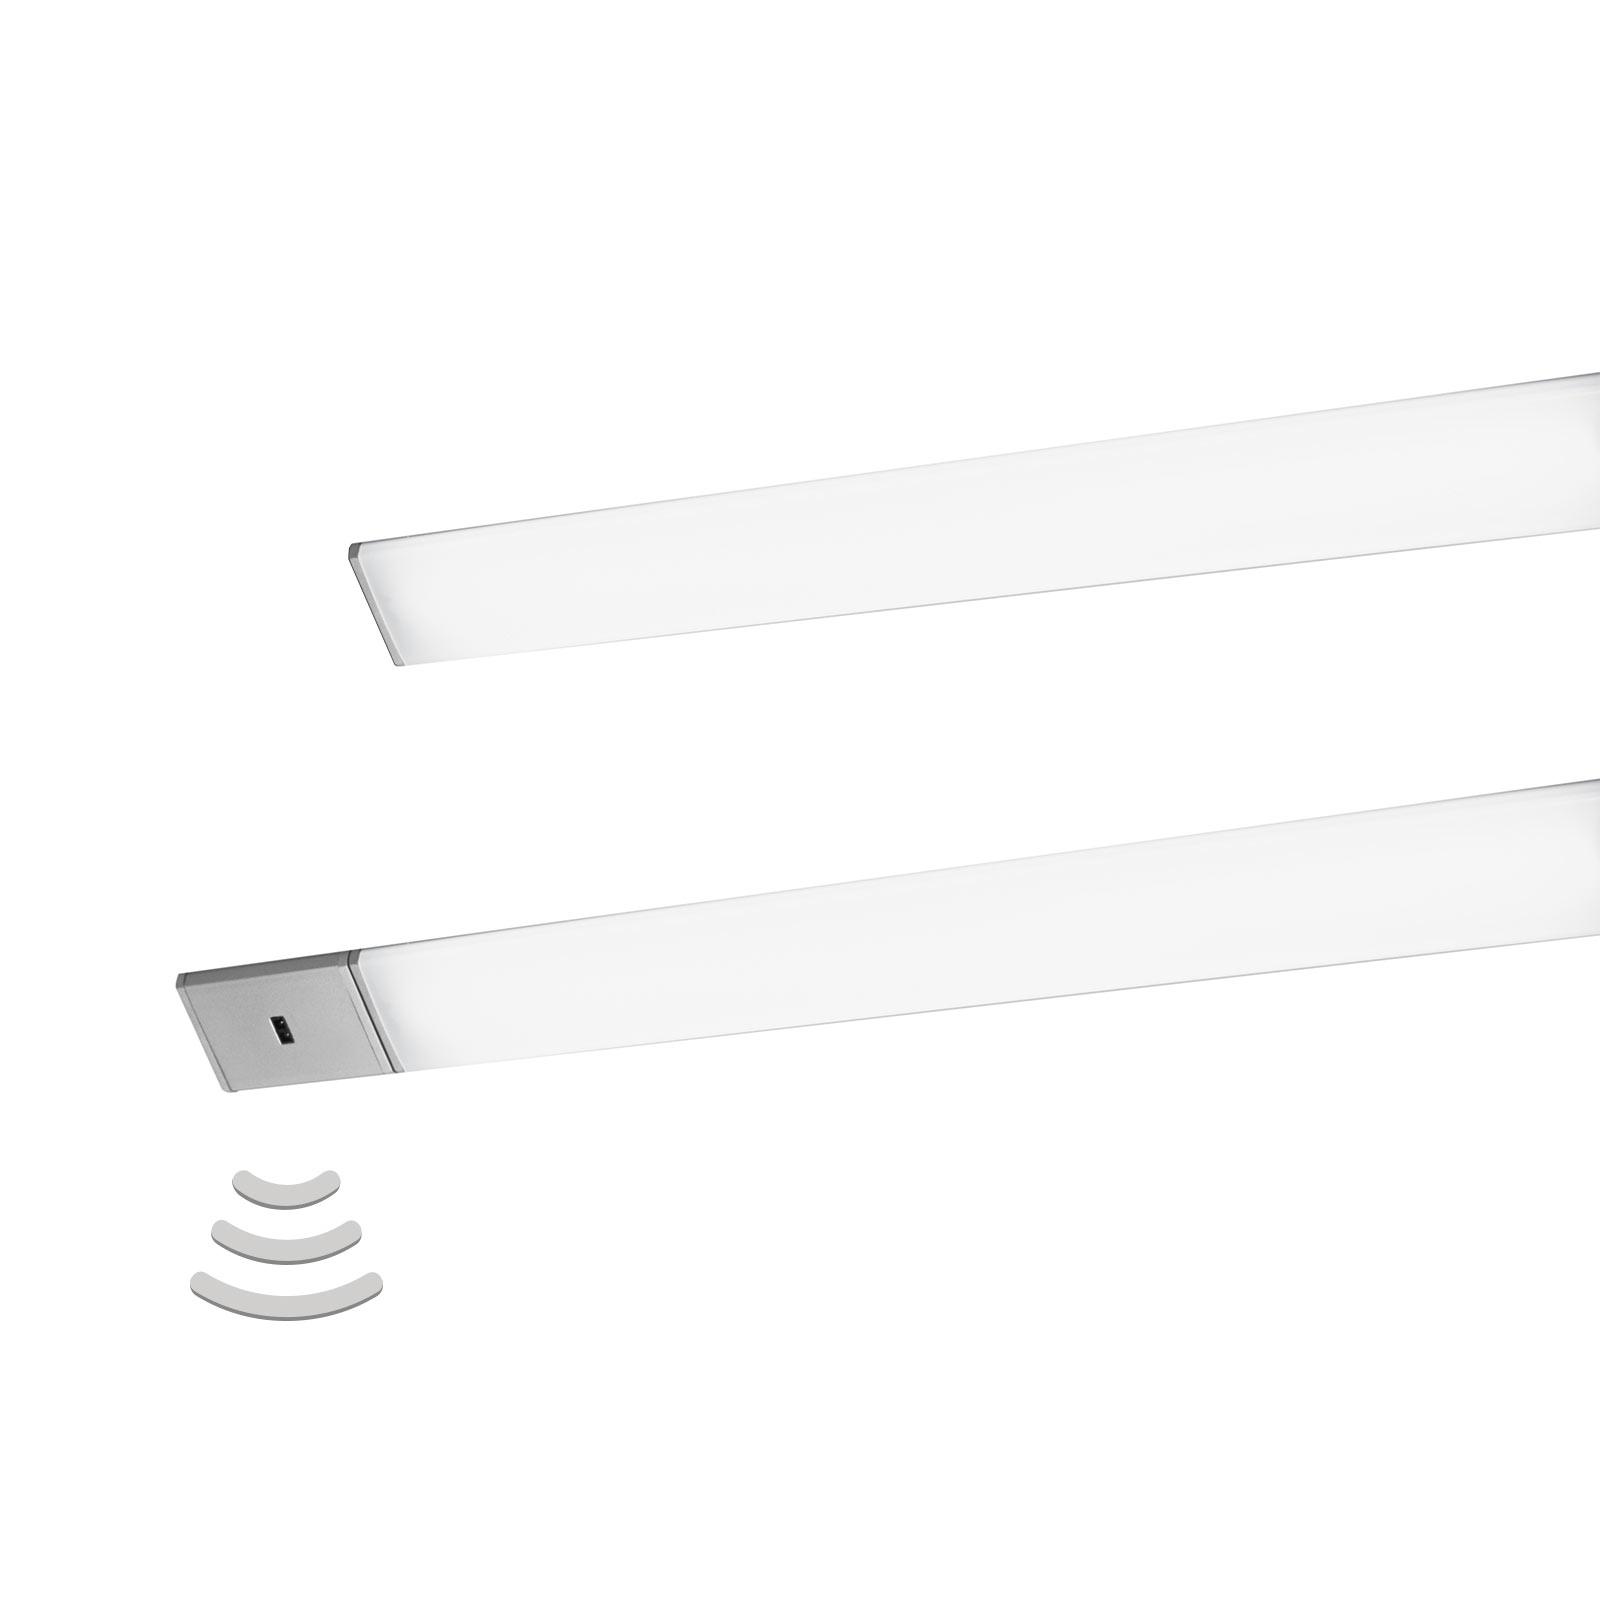 LEDVANCE Cabinet Corner underskabslampe 55cm 2stk.